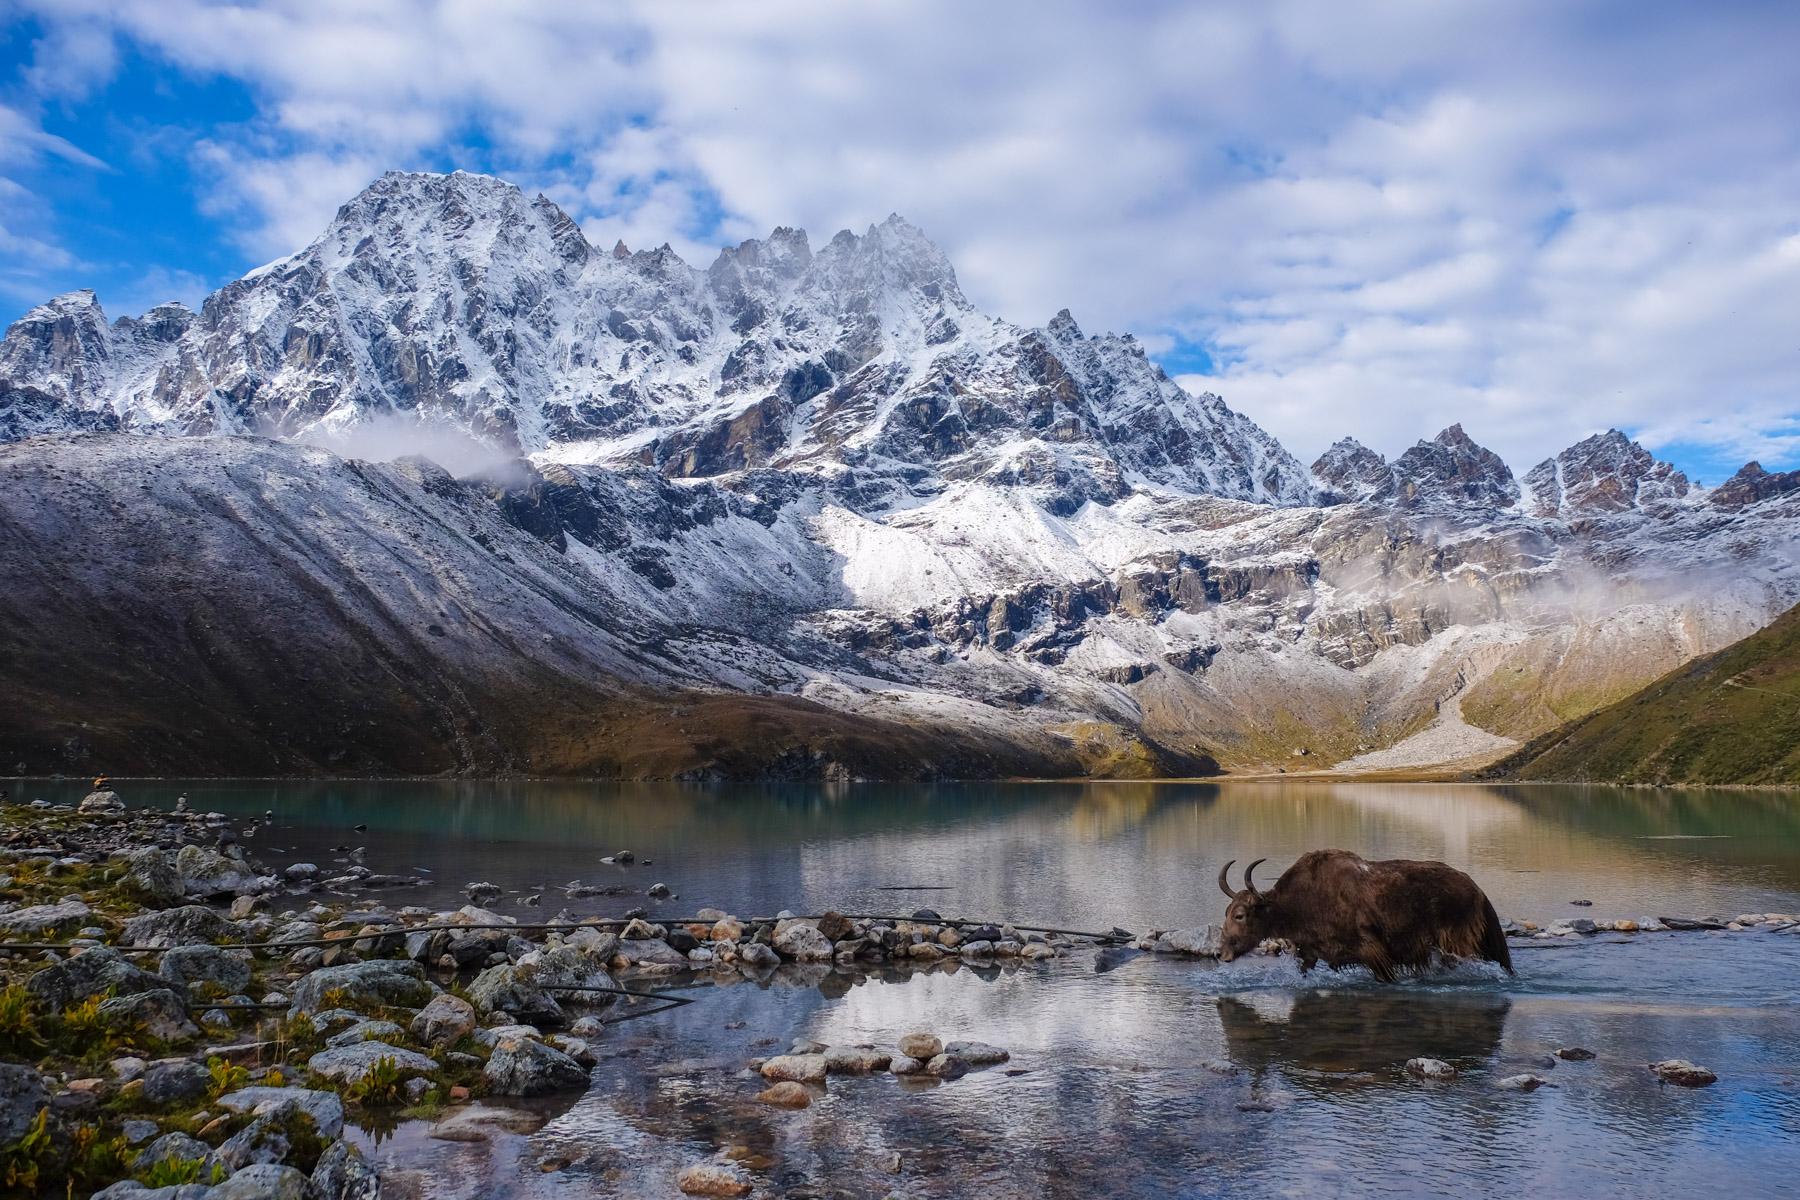 Everest 3 passes, Khumbu Himal 1